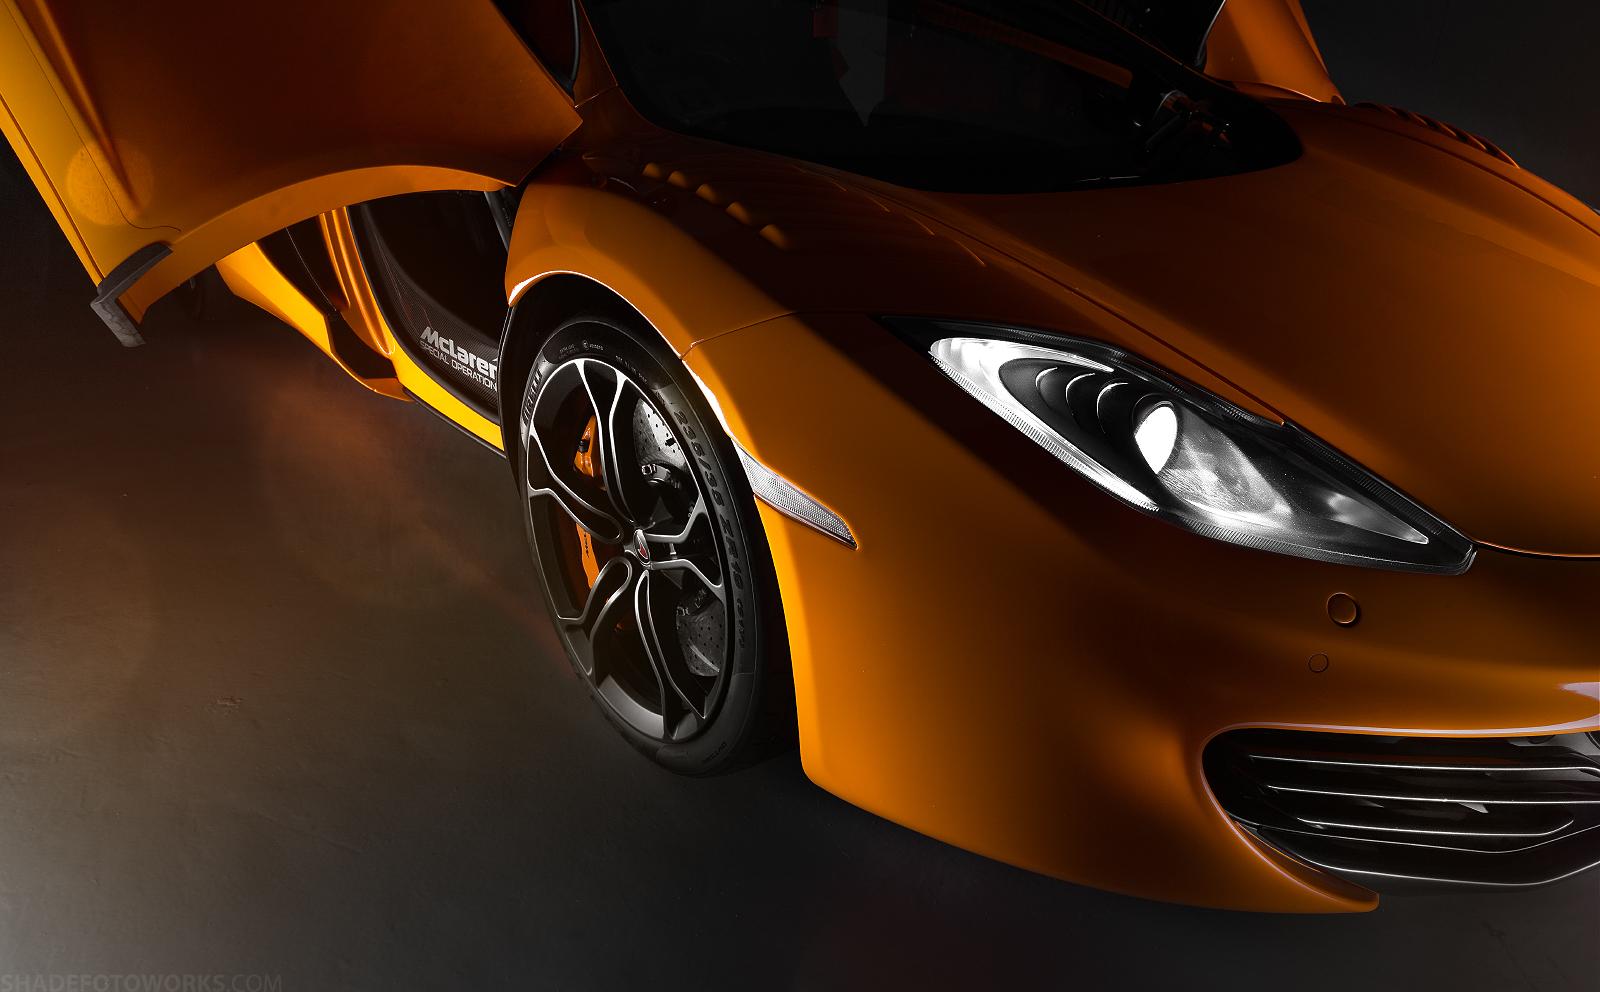 McLaren MP4 12C Model Year Changes